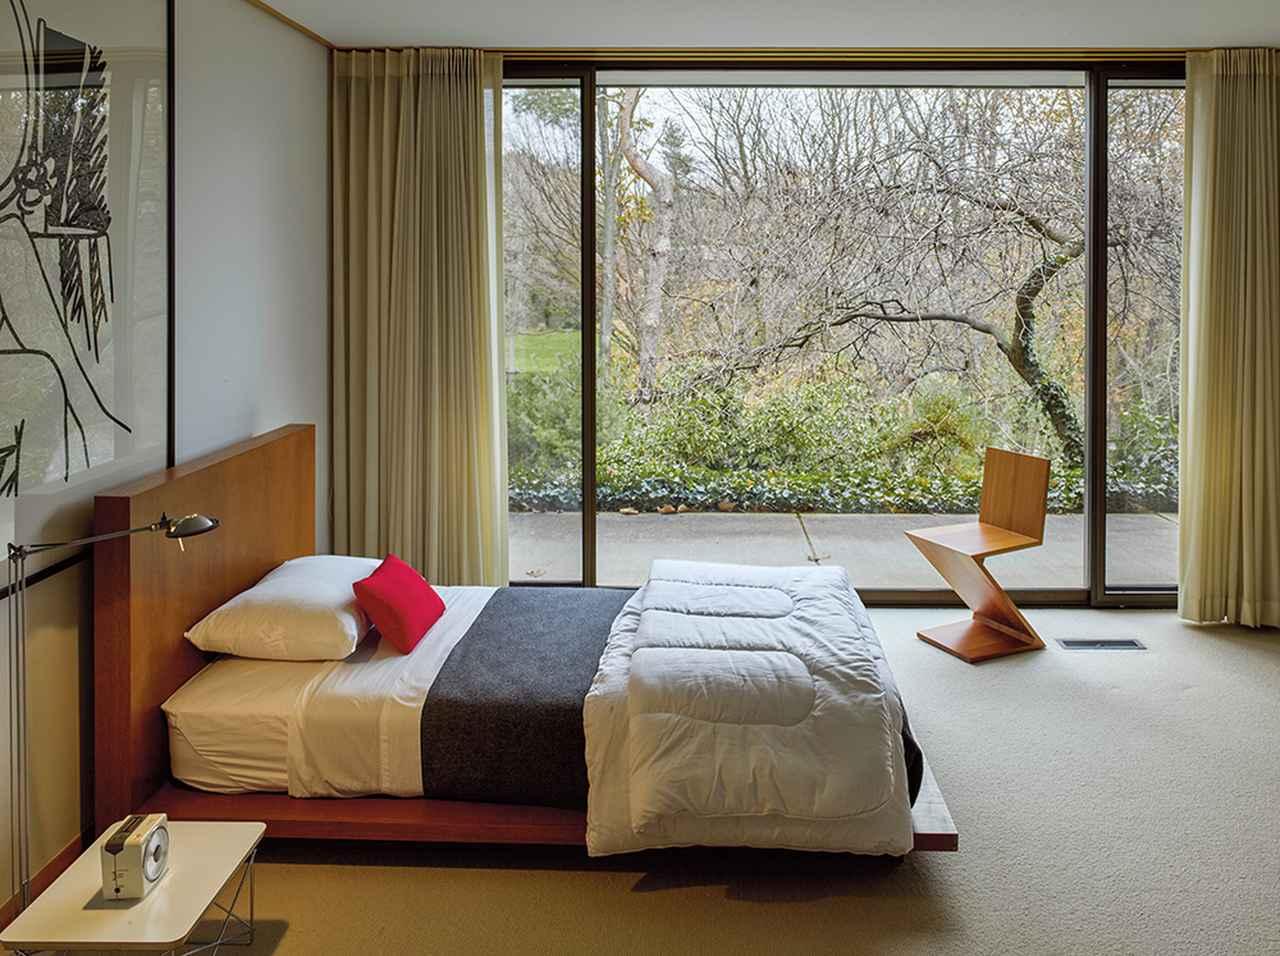 Images : 6番目の画像 - 「20世紀モダニズム建築の 喪われた聖地 ミシガンは再生するのか」のアルバム - T JAPAN:The New York Times Style Magazine 公式サイト